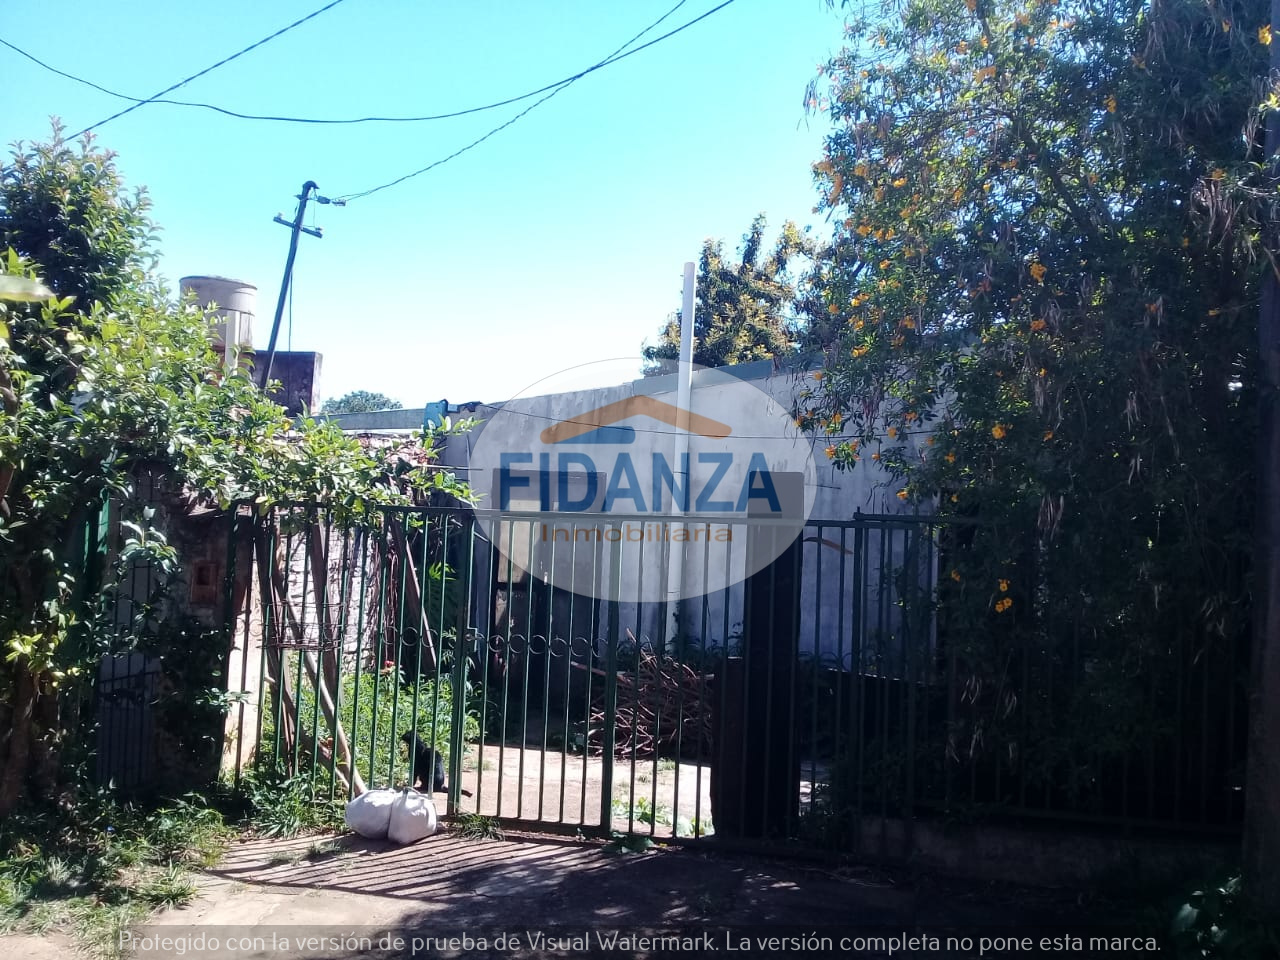 Casa en venta Hipotecario 2d d